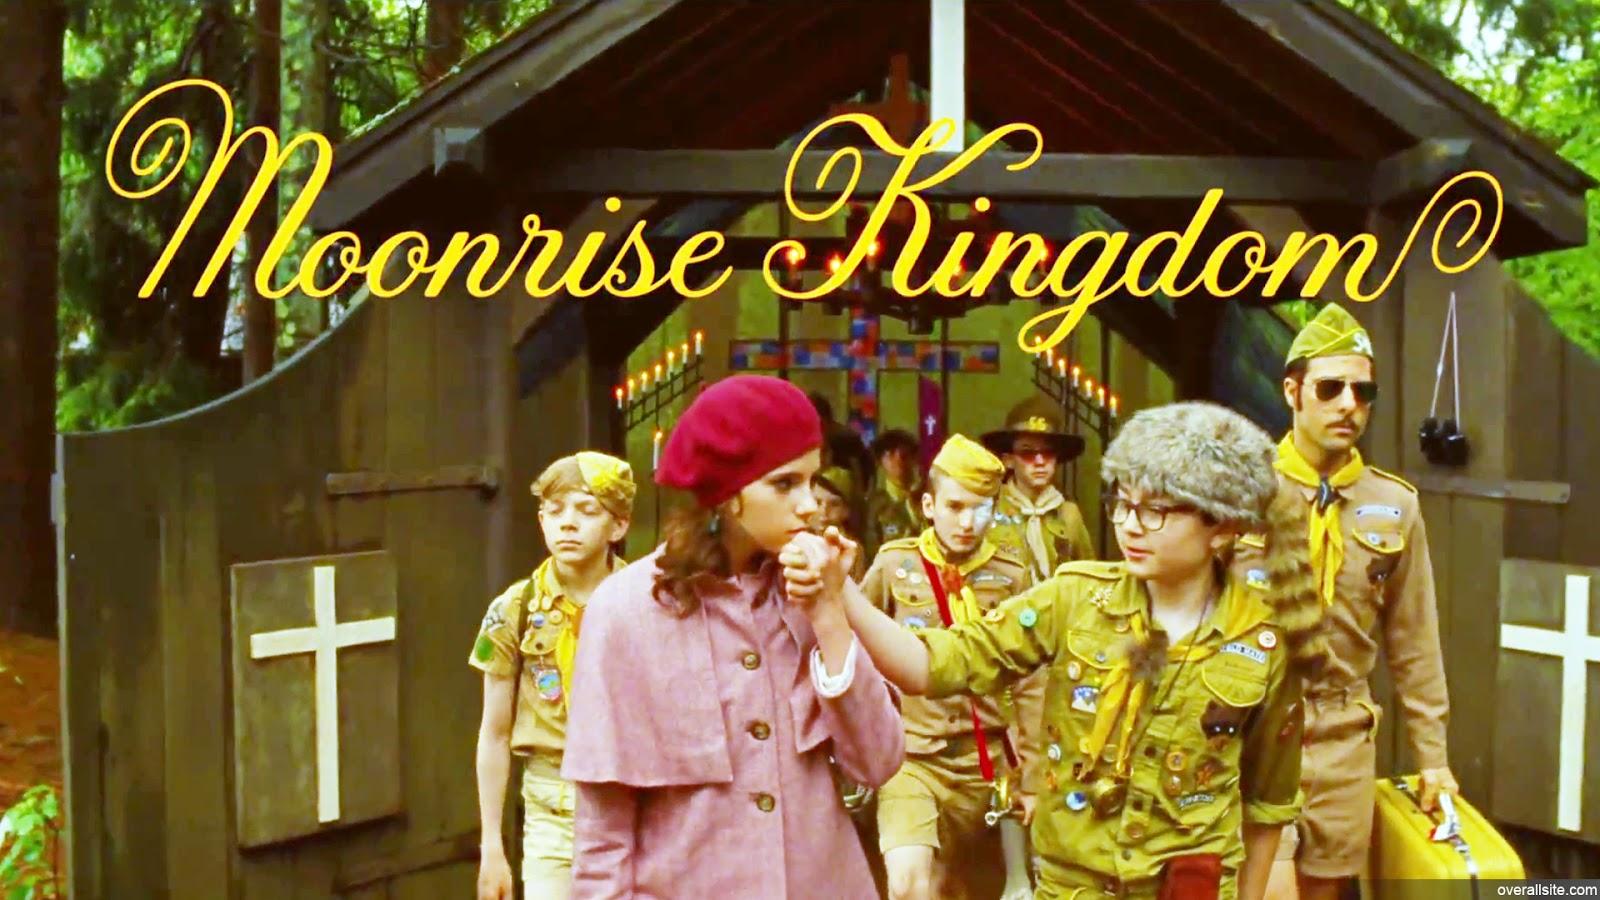 http://1.bp.blogspot.com/-Ibbt92LL228/UO2dMOqUL_I/AAAAAAAAVkA/QDONi9AZuvQ/s1600/Moonrise-Kingdom-Poster.jpg